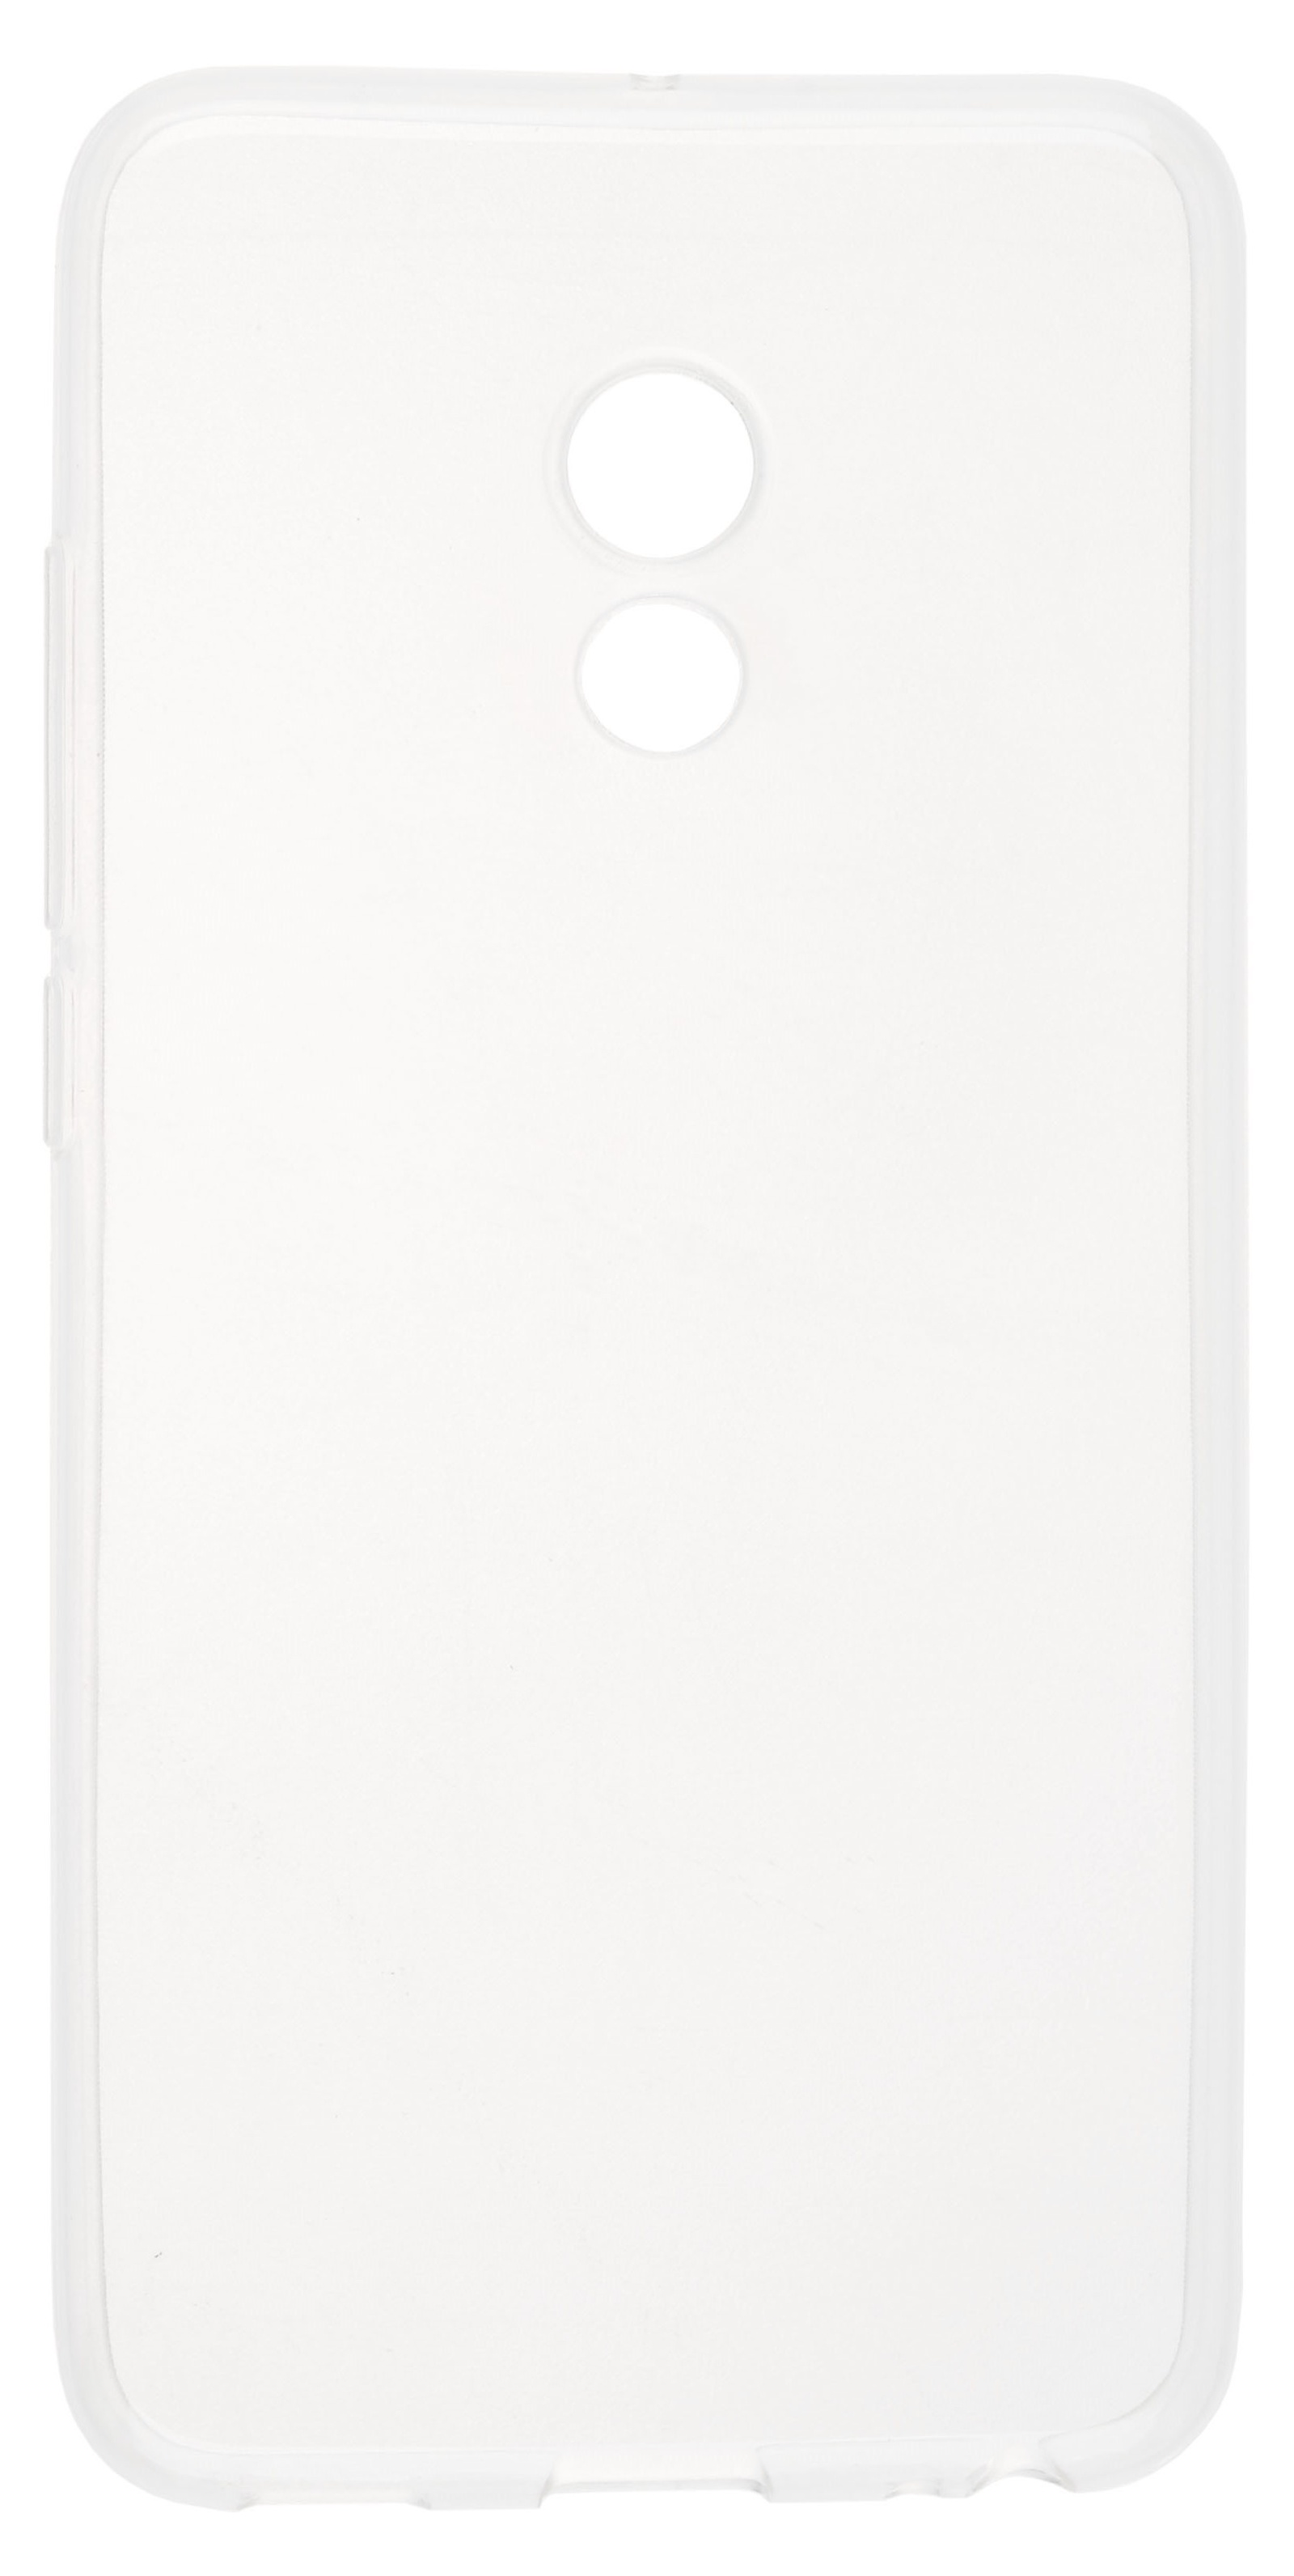 Чехол для сотового телефона skinBOX Slim Silicone, прозрачный gangxun zte blade v8 корпус pu кожаный флип чехол для карт памяти для zte blade v8